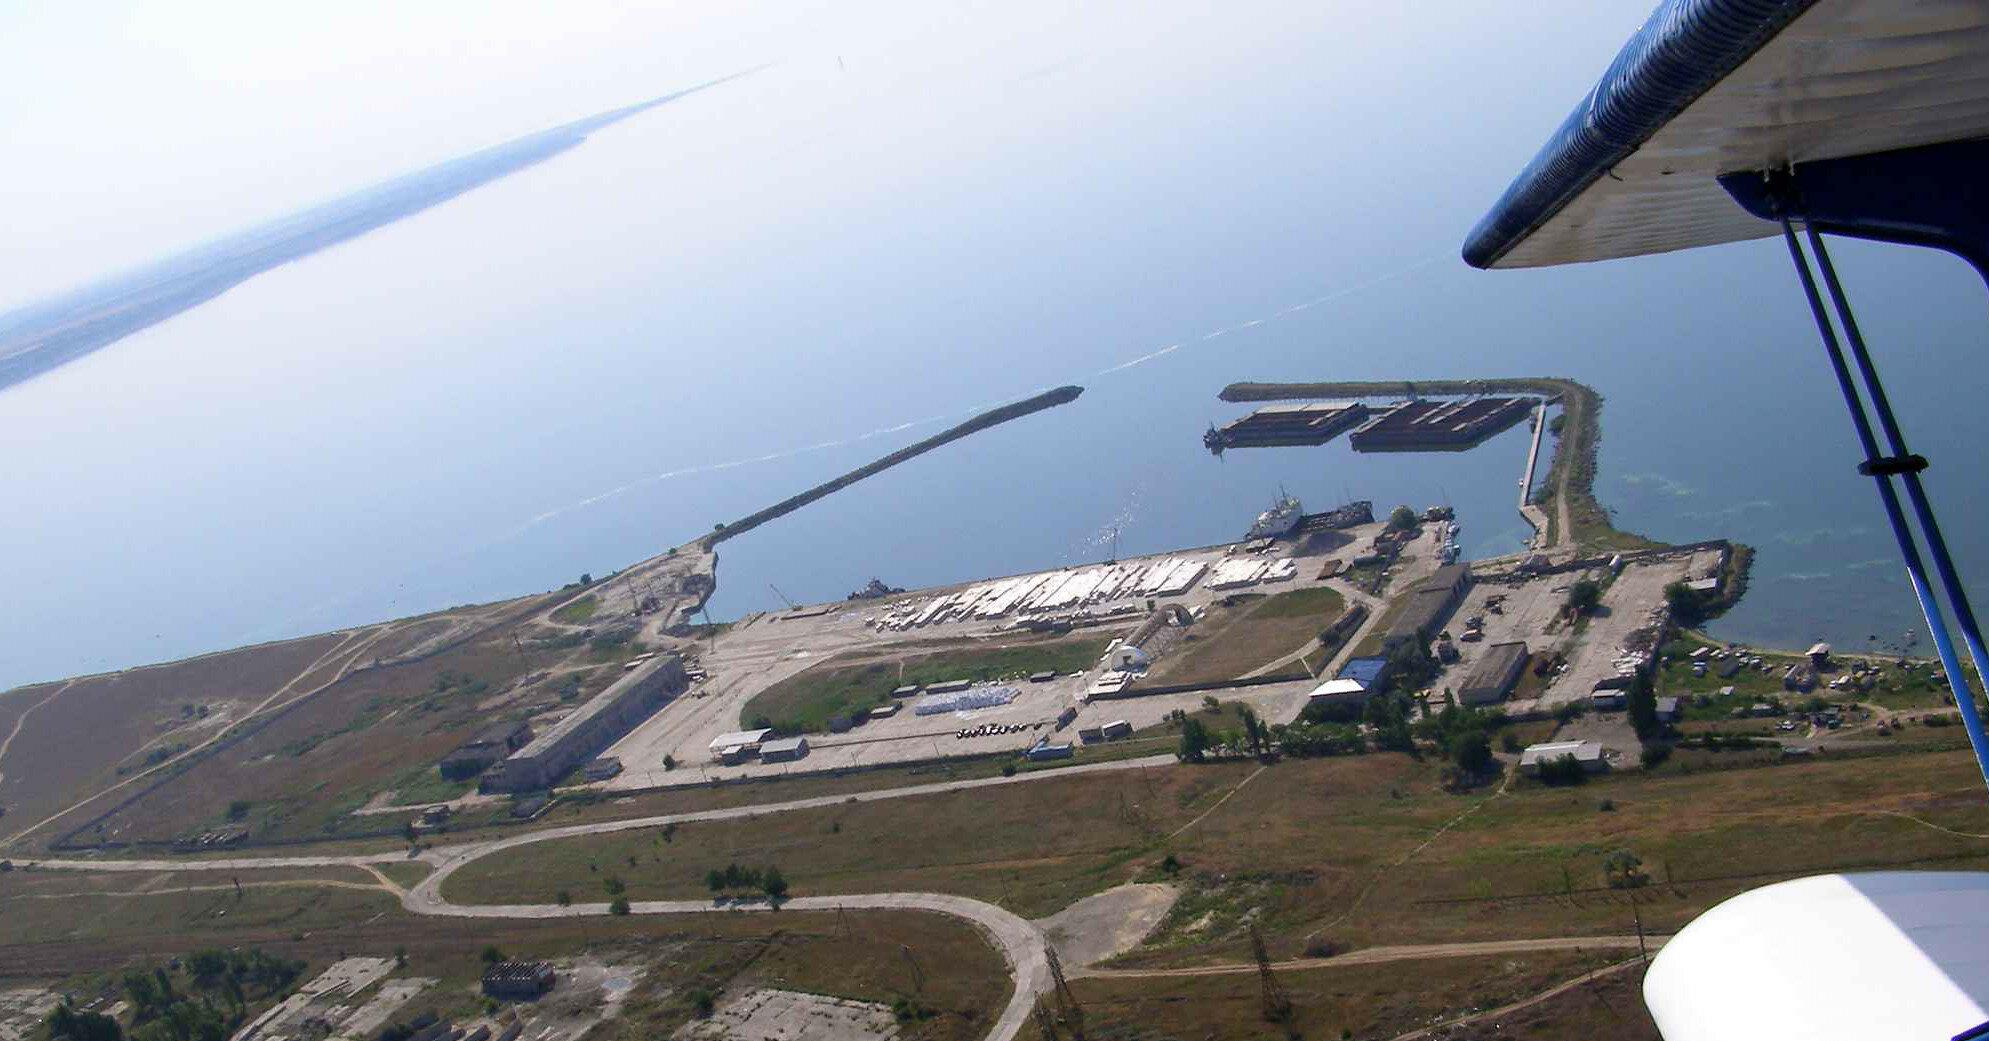 Украинское судно в Черном море подало сигнал бедствия